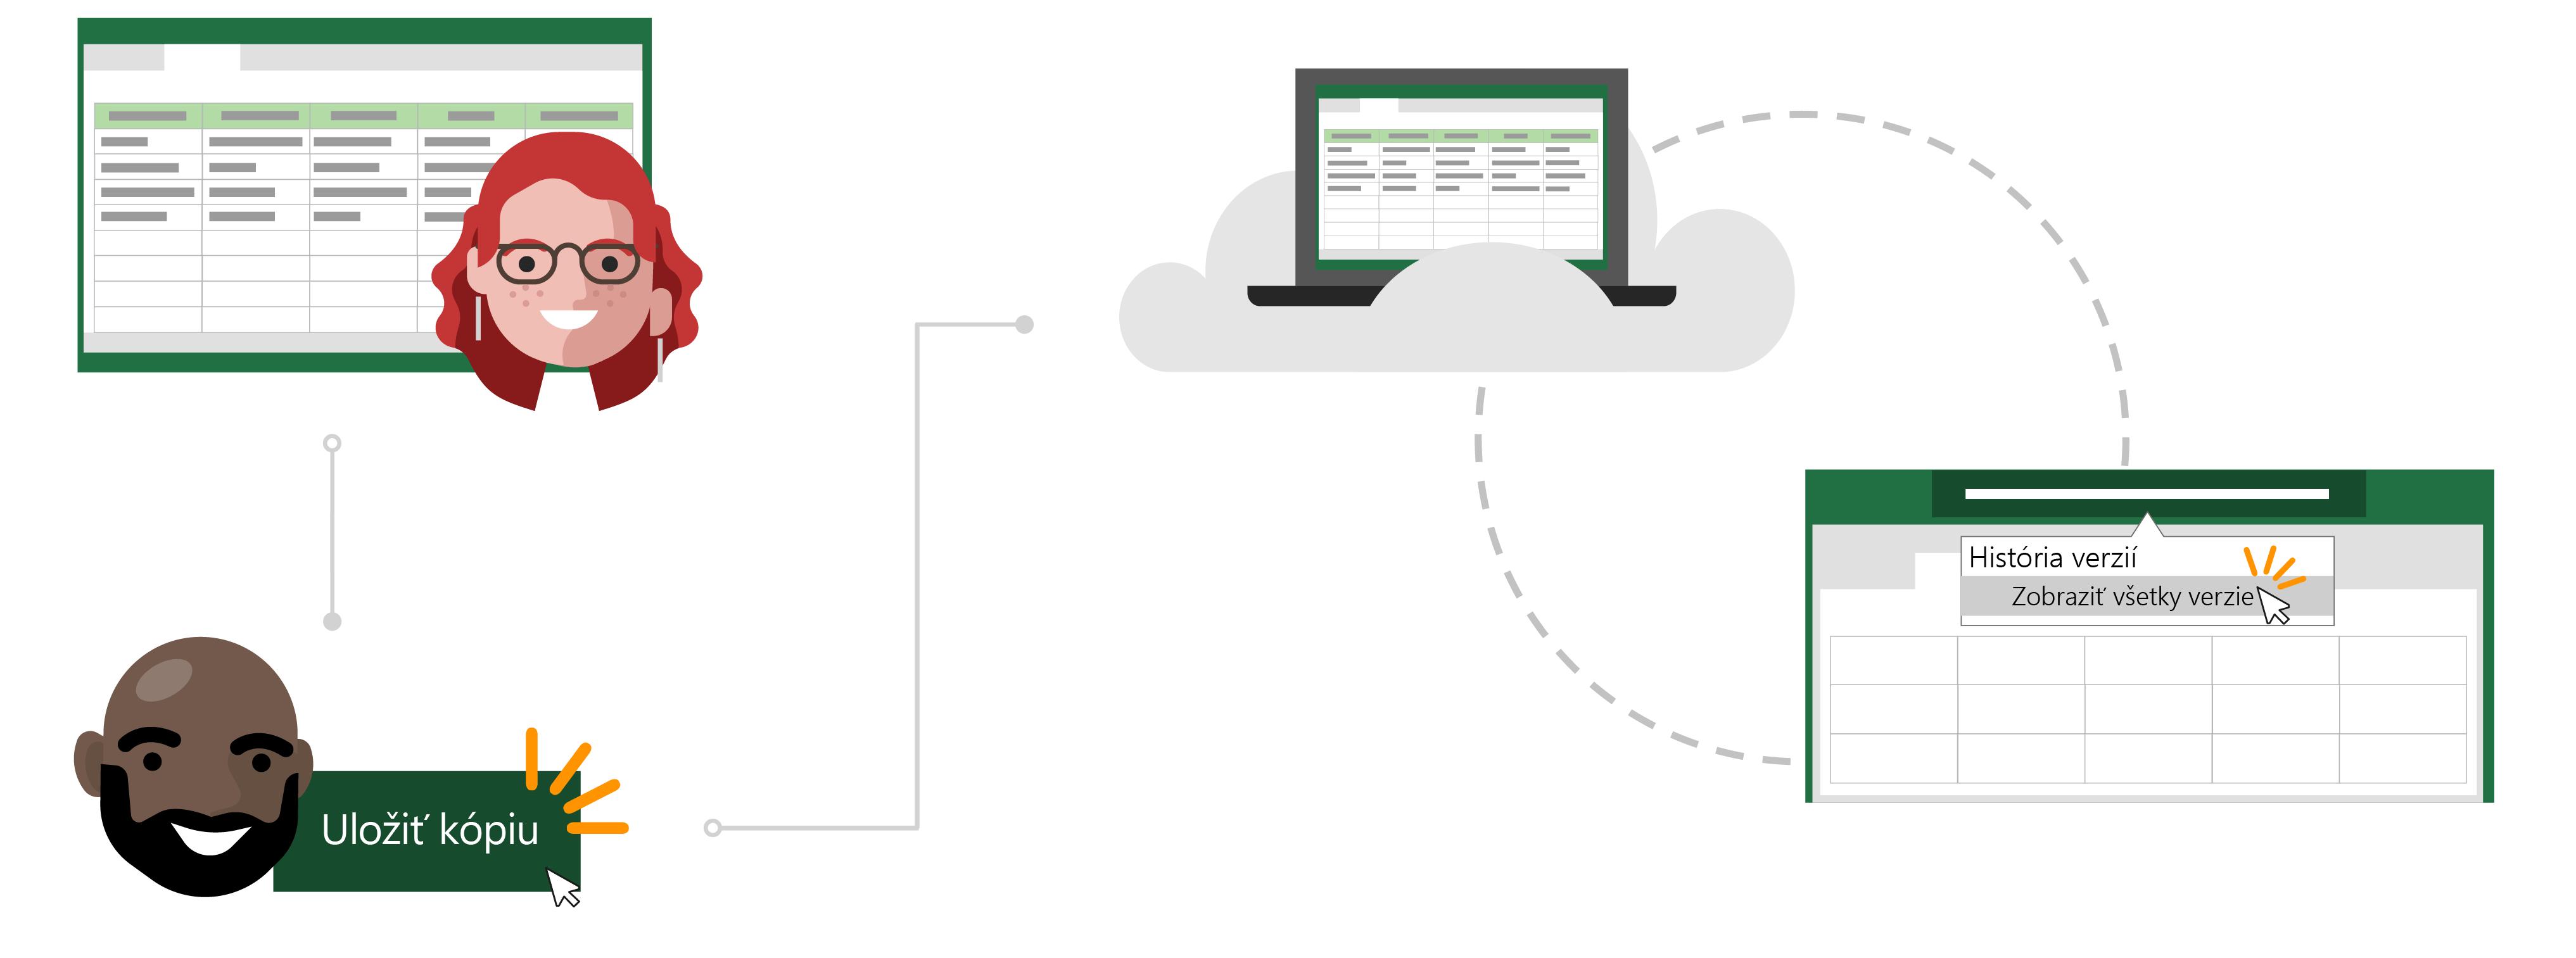 Použite existujúci súbor v cloude ako šablónu pre nový súbor s použitím uloženia kópie.